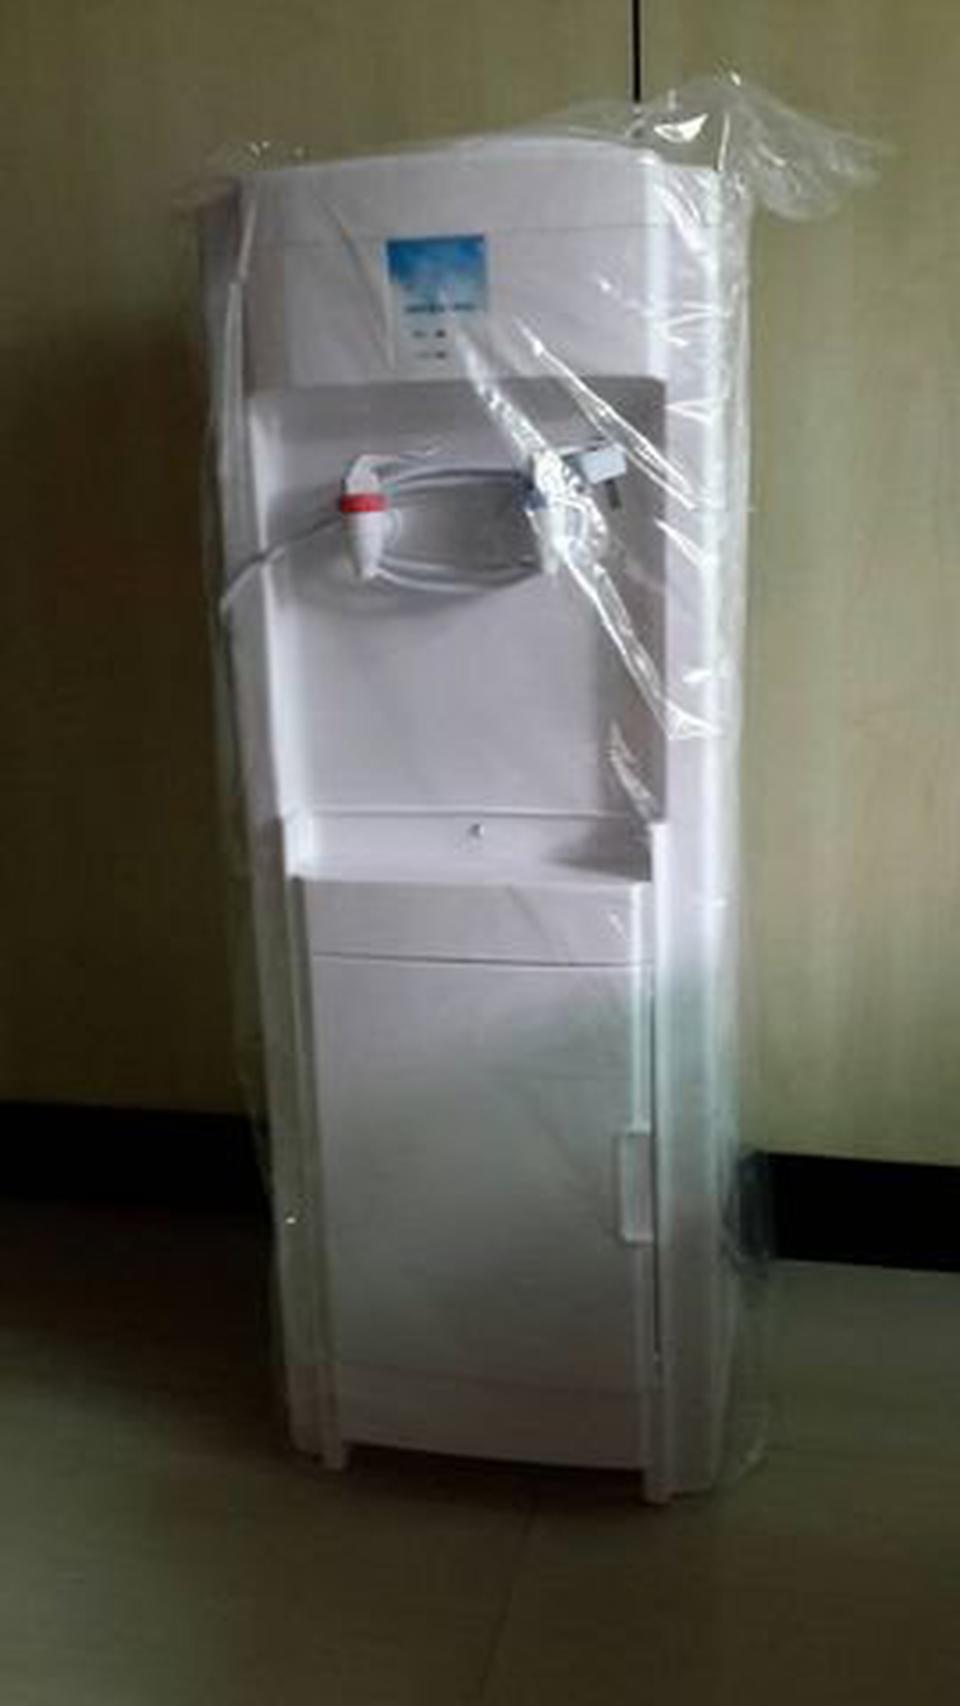 เครื่องทำน้ำร้อน - น้ำเย็น แบบตั้งพื้น รูปที่ 2